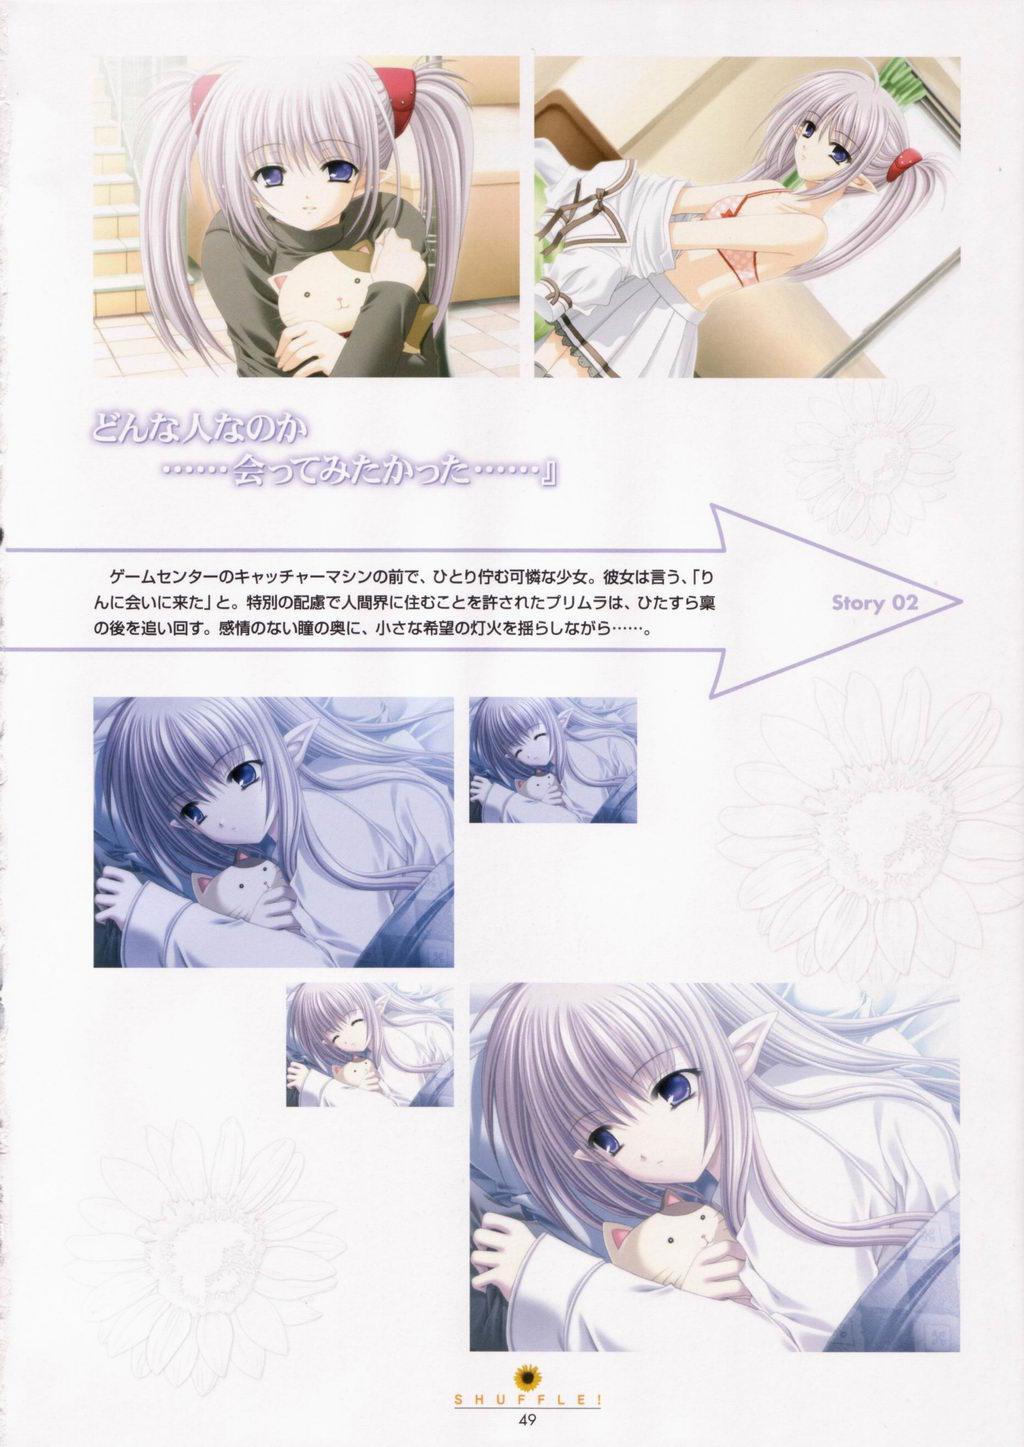 SHUFFLE! Visual Fan Book 49